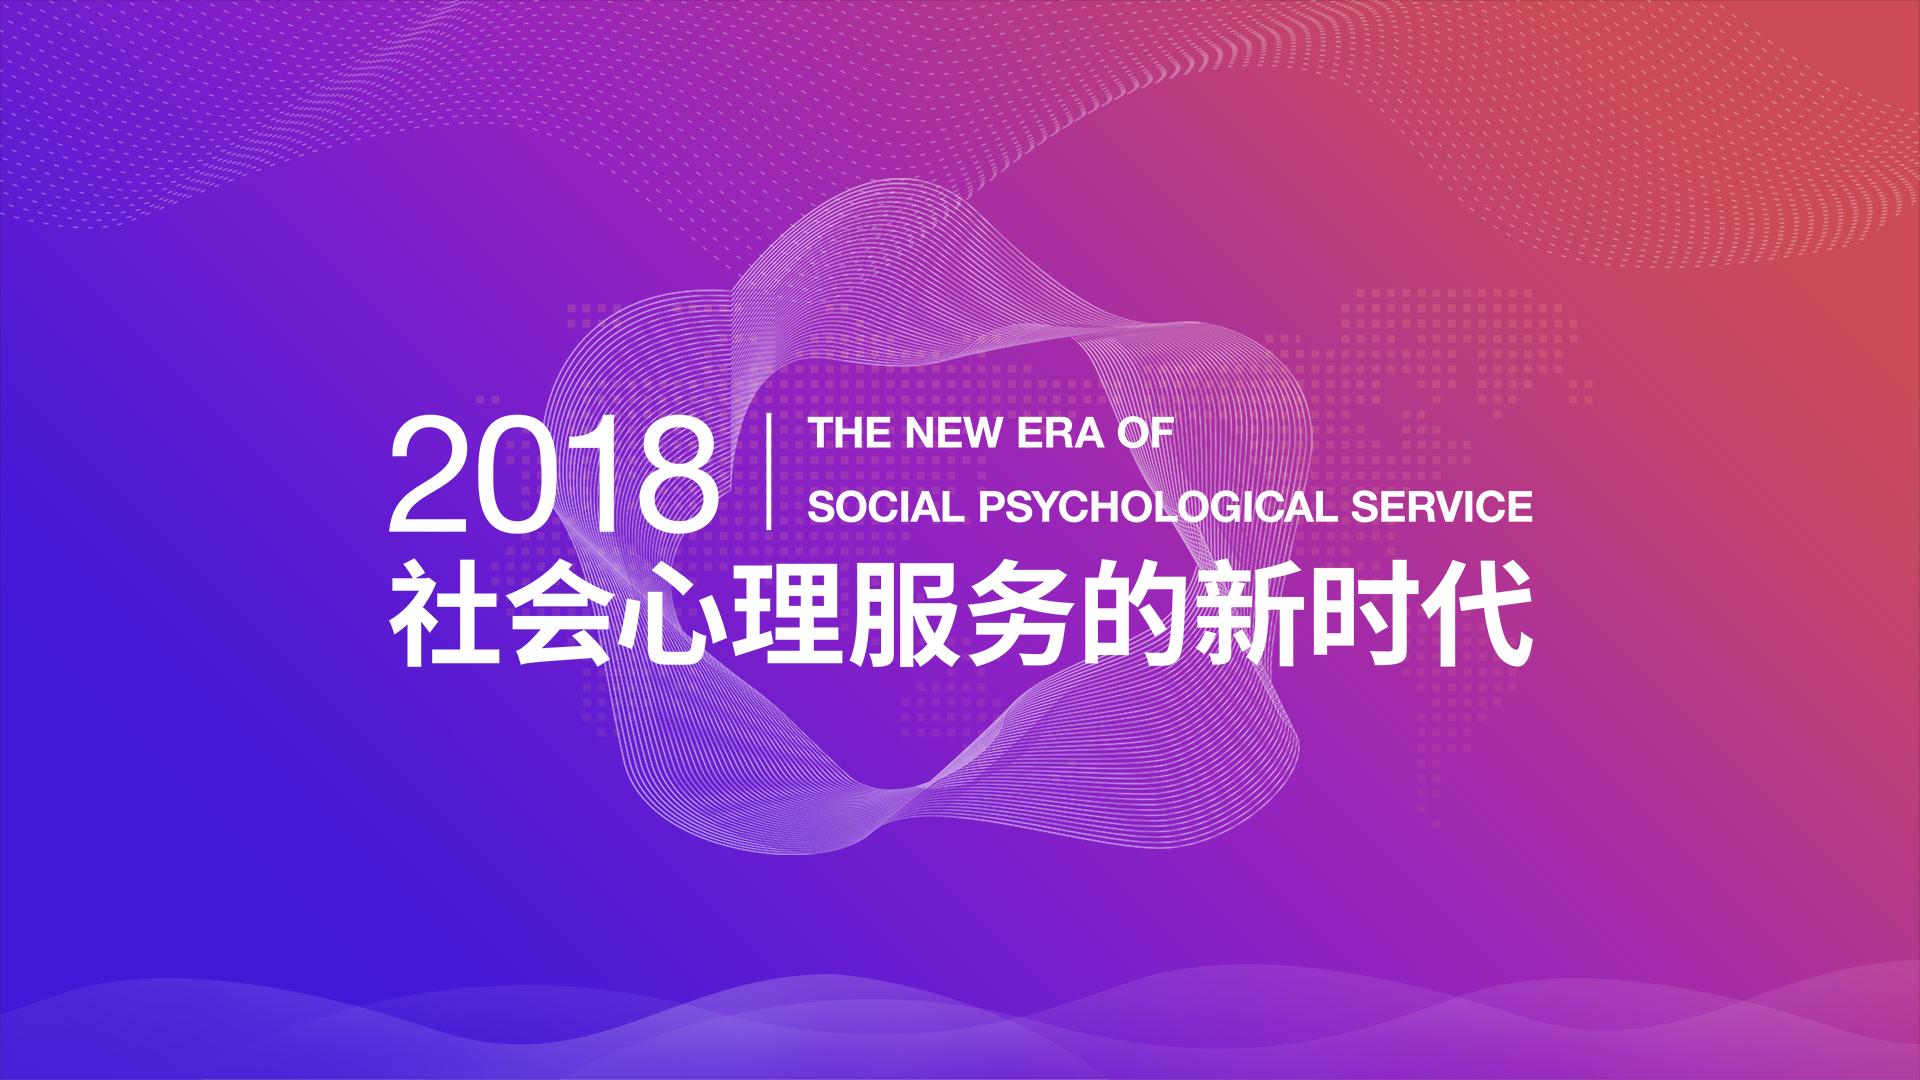 第十二届中国心理学家大会即将开幕!